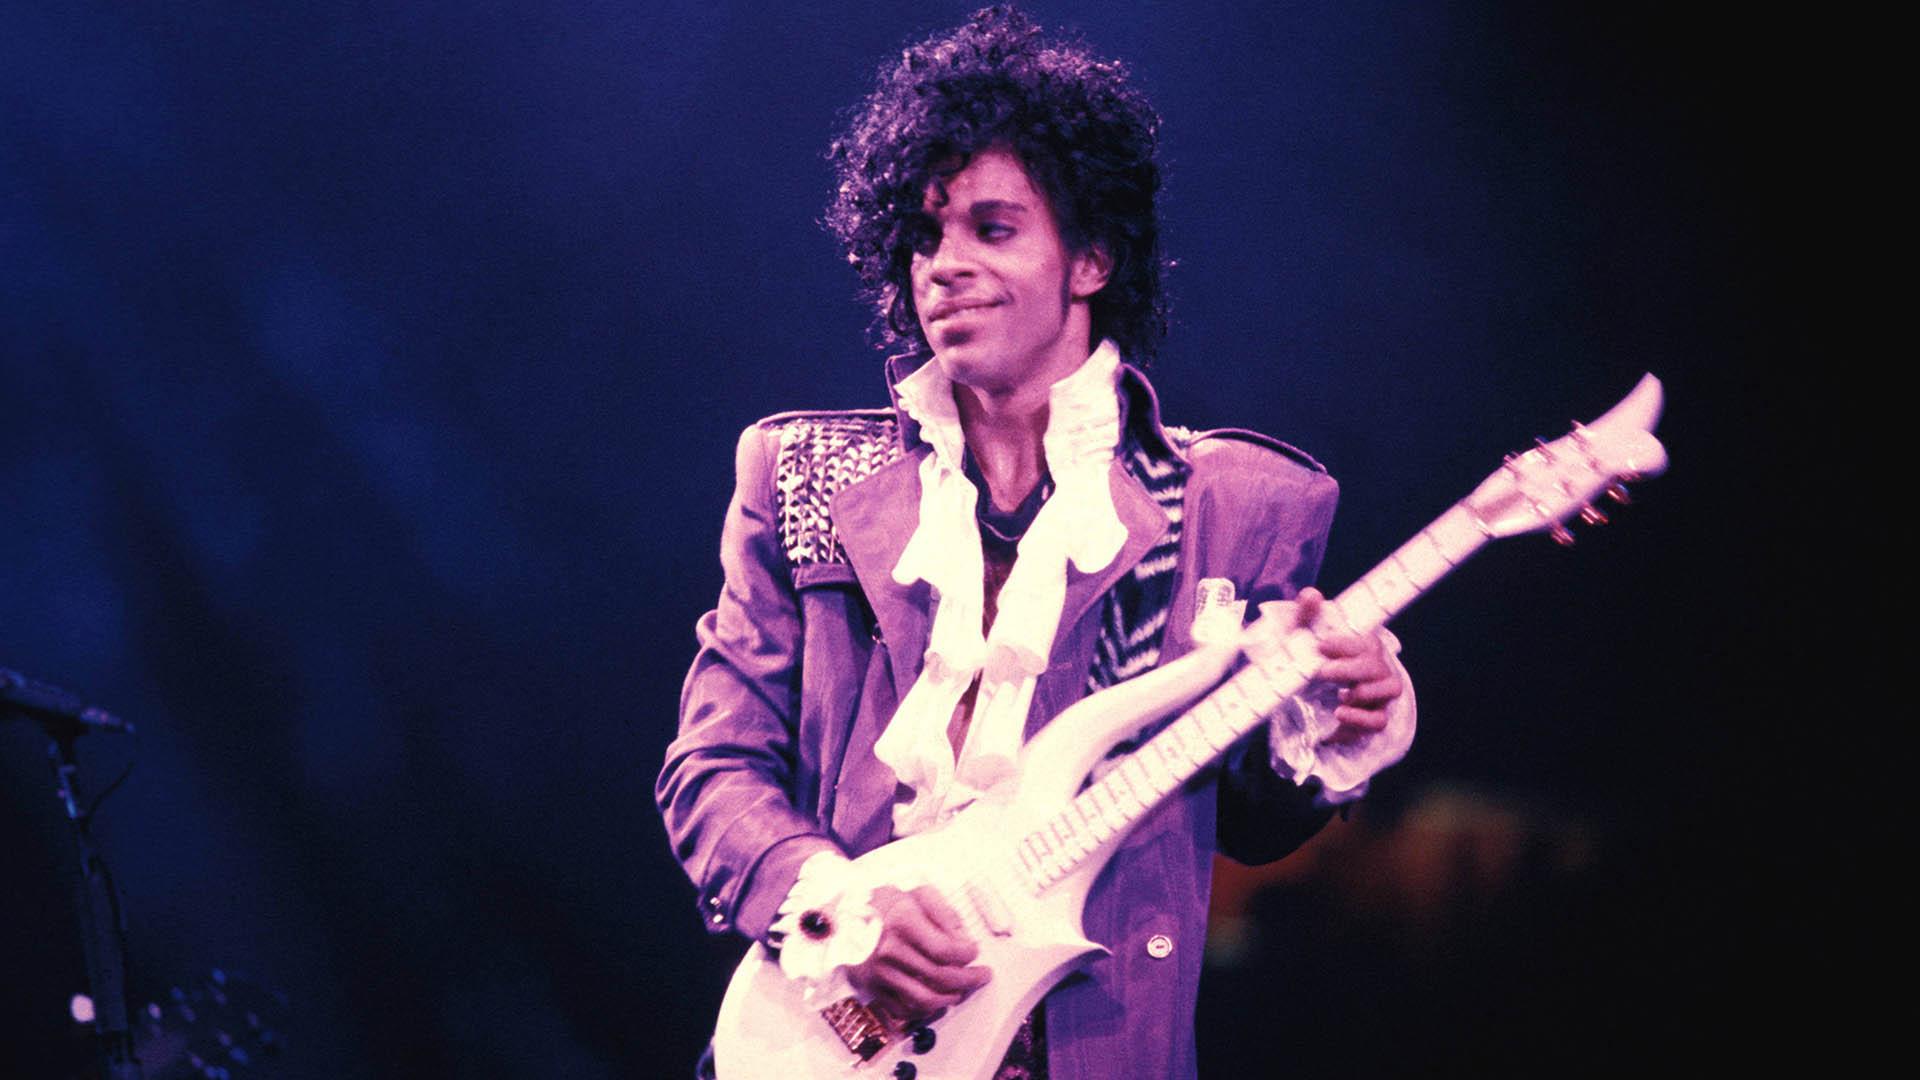 Universal trabaja película inspirada en las canciones de Prince